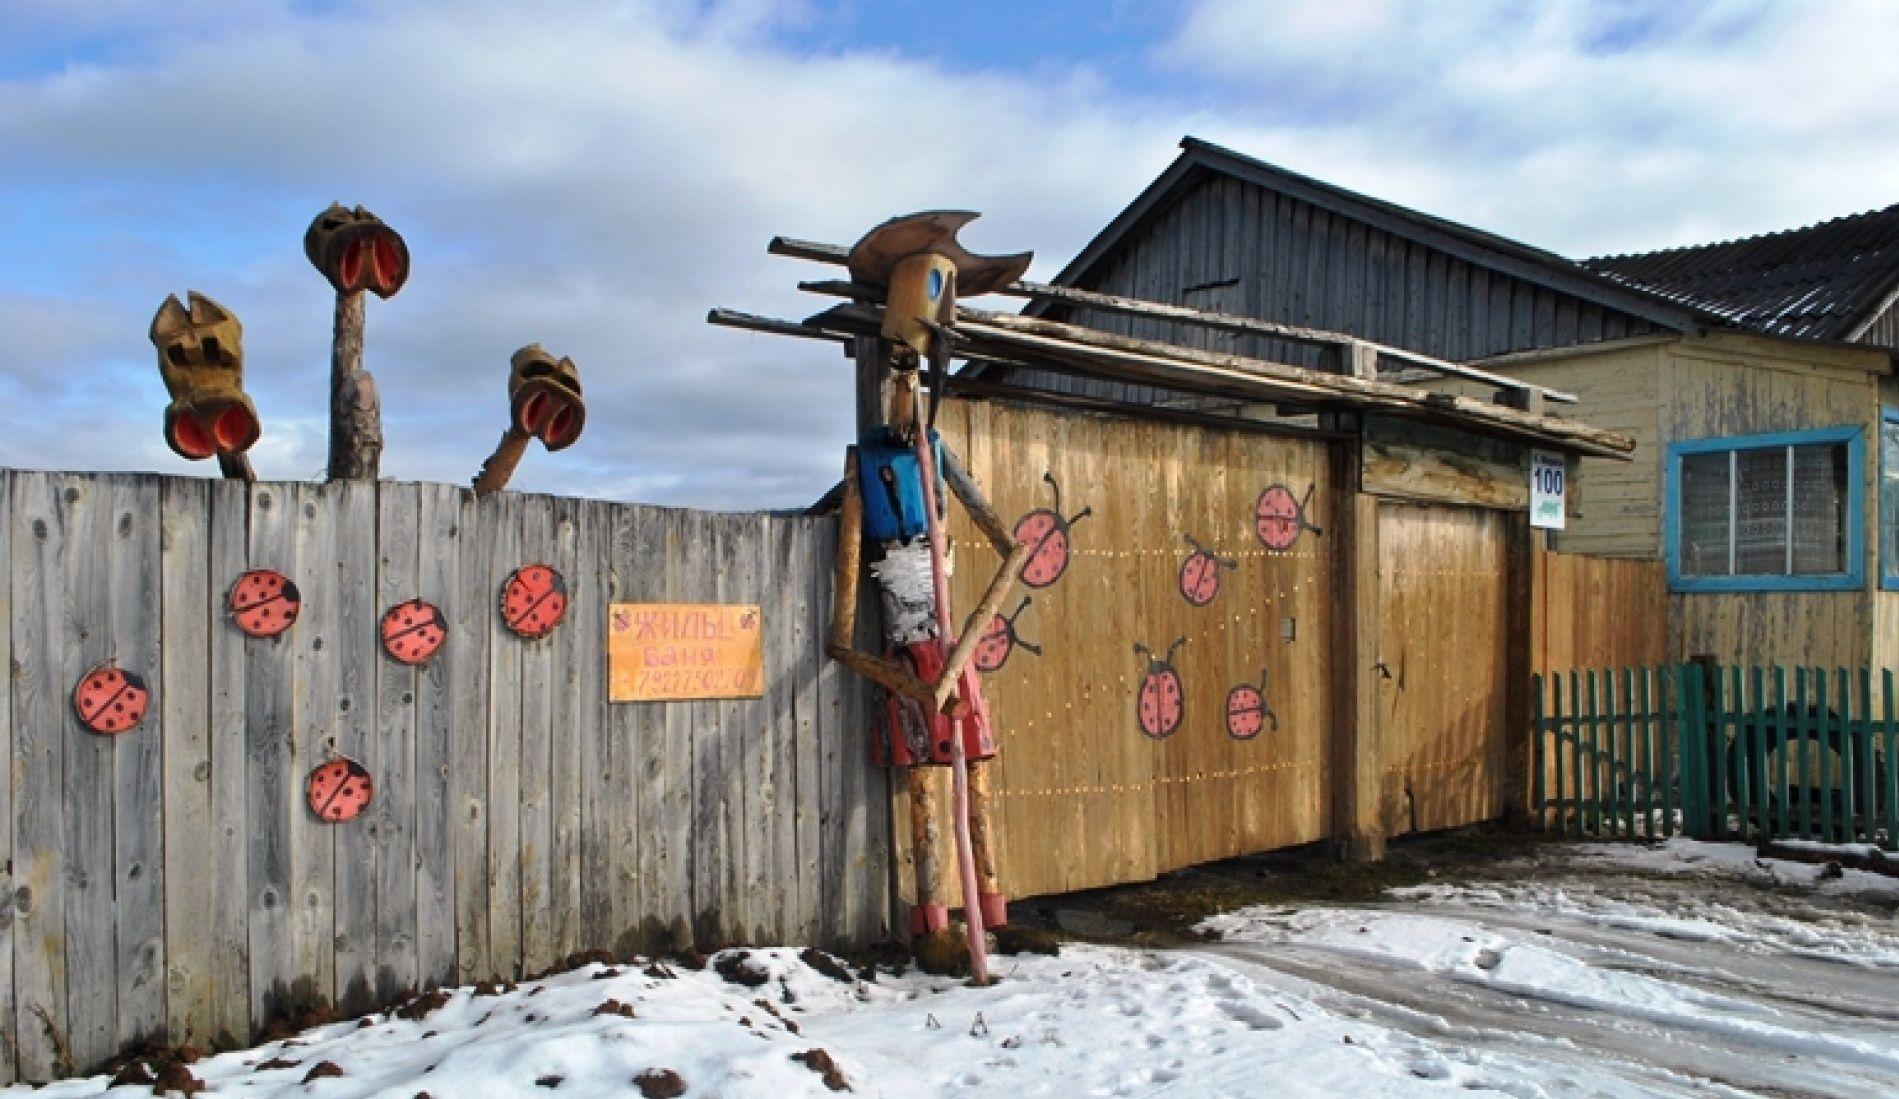 Комплекс гостевых домов «Божьи коровки» Челябинская область, фото 3